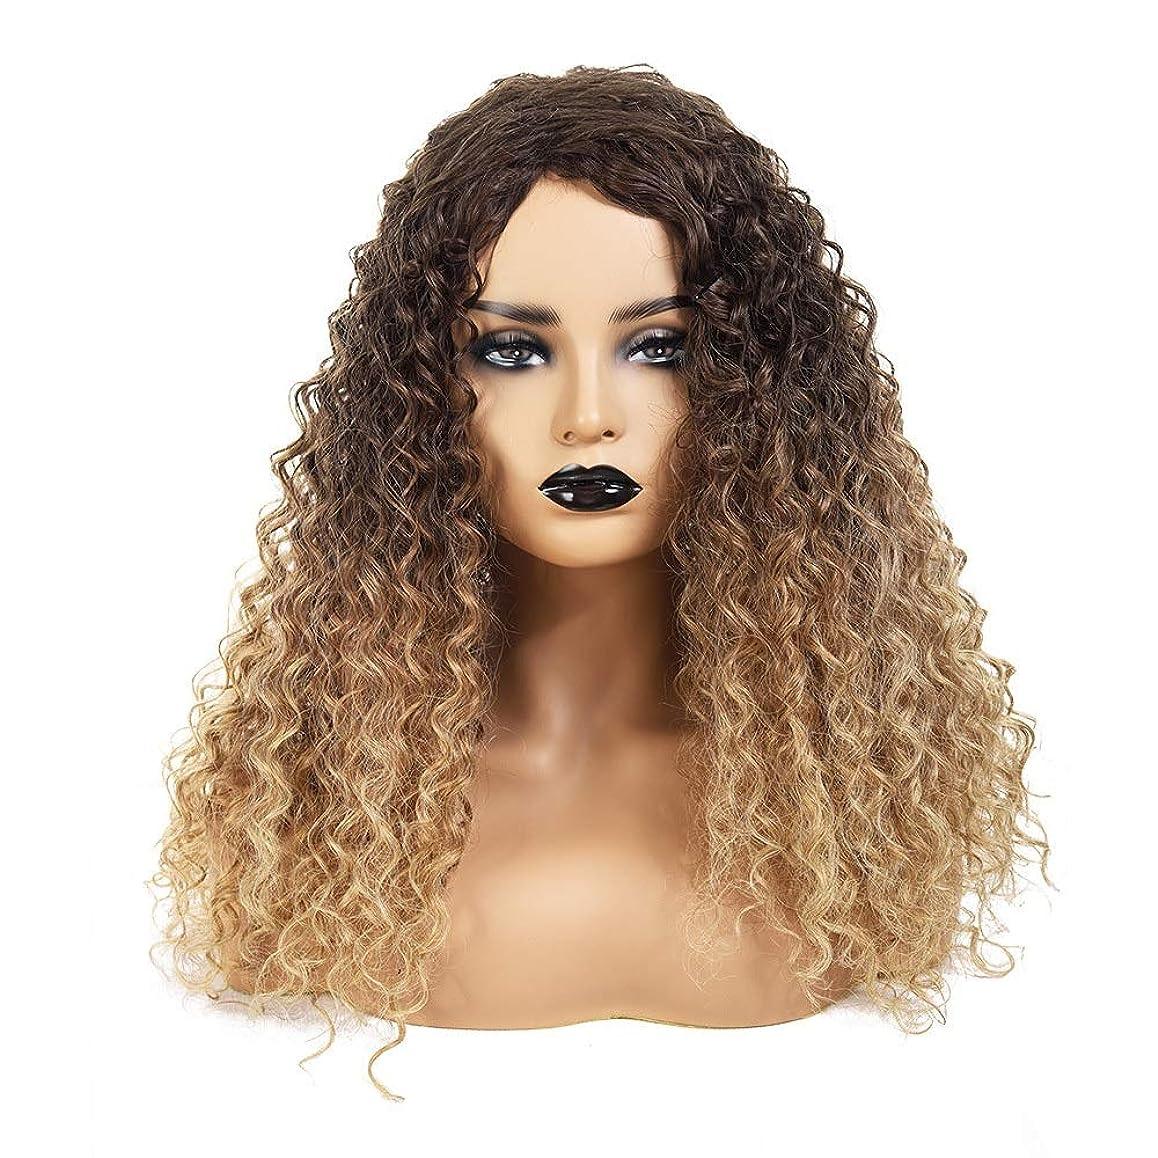 絶えずとして台風Yrattary 18インチアフロカーリーヘアブラウンルーツグラデーションブロンドの抵抗力のある髪の人工毛ウィッグウィッグ (Color : Blonde)